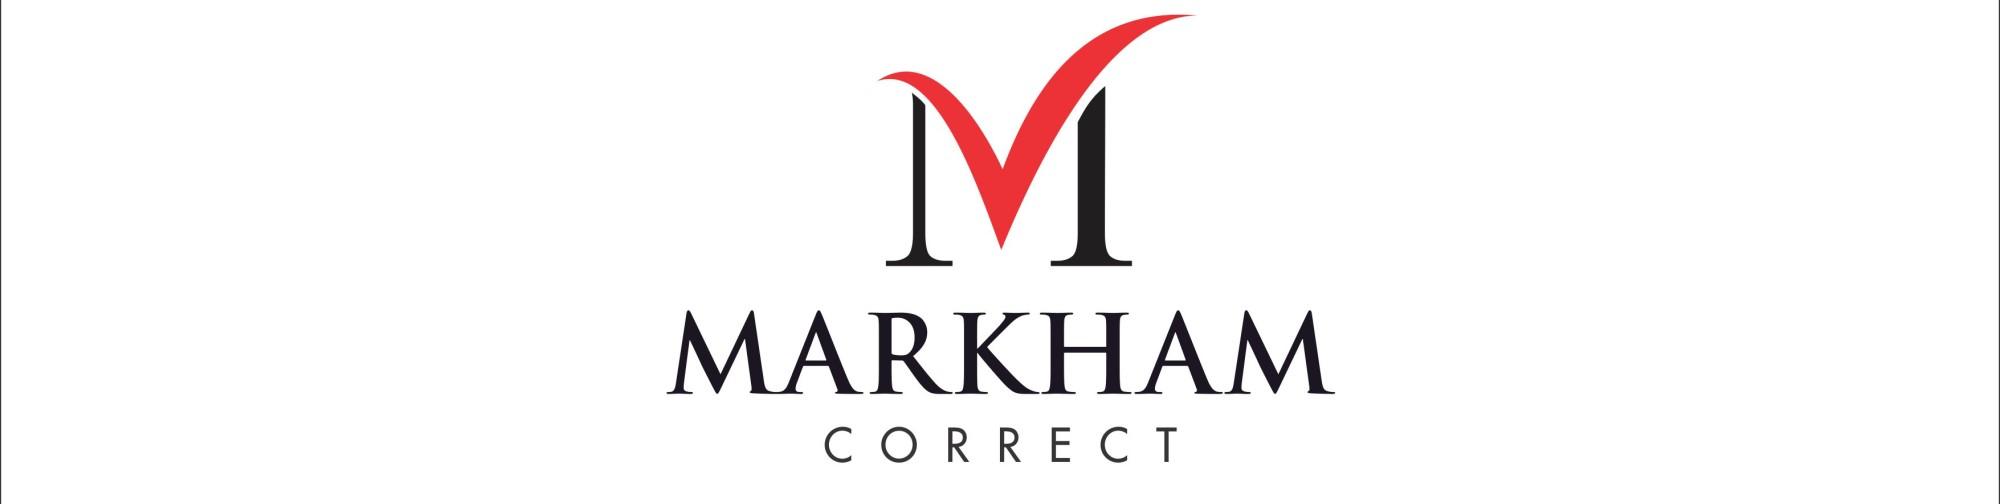 Markham Correct